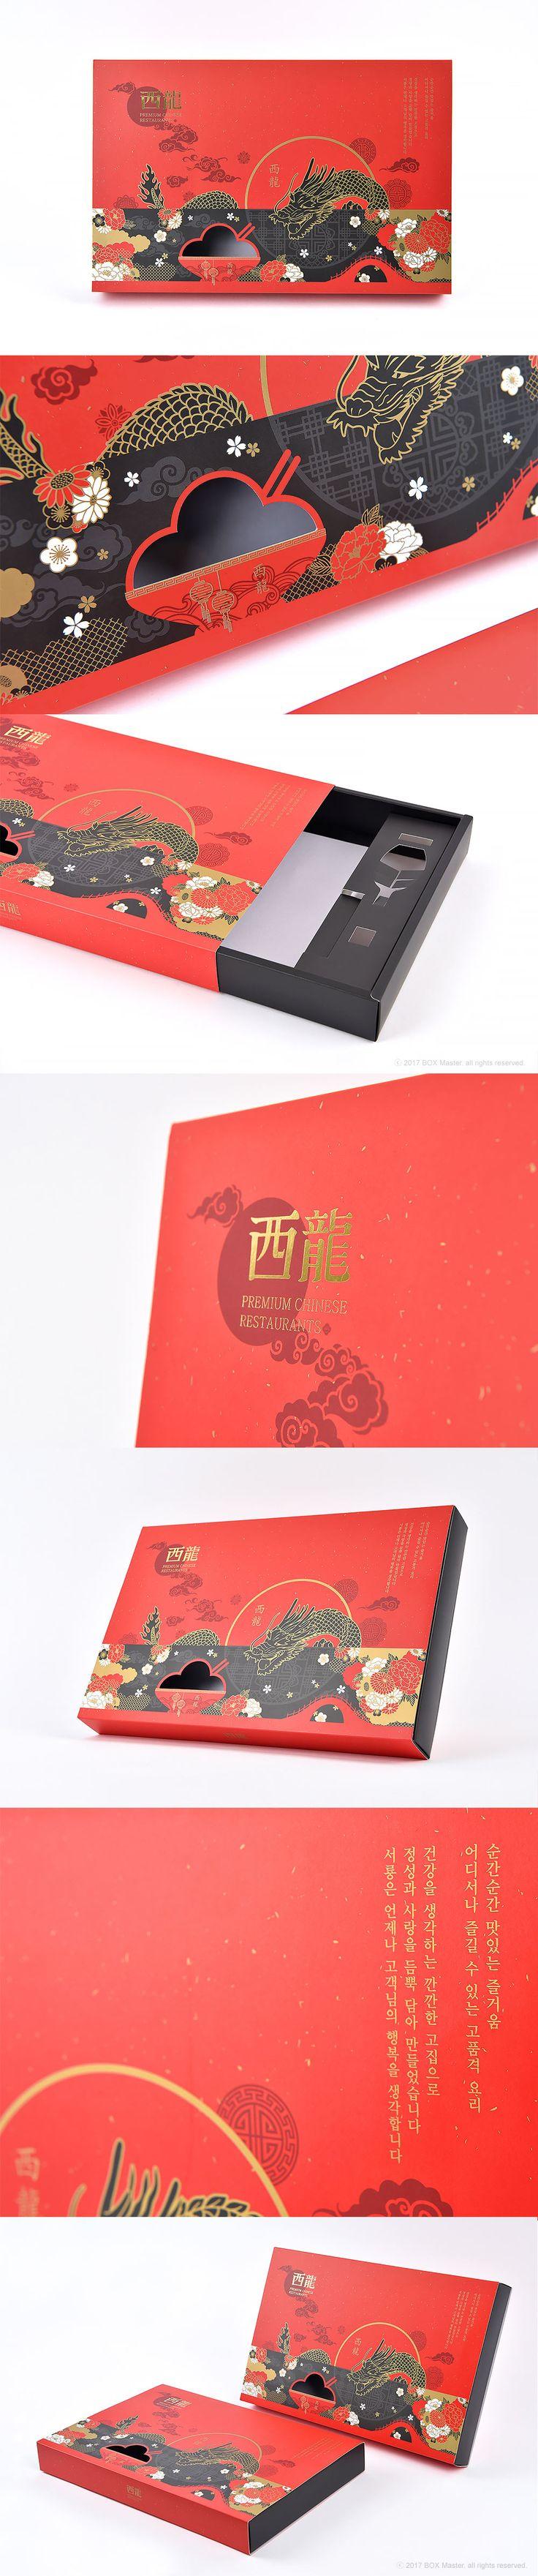 서룡 식품포장 패키지의 상세한 모습을 담은 사진